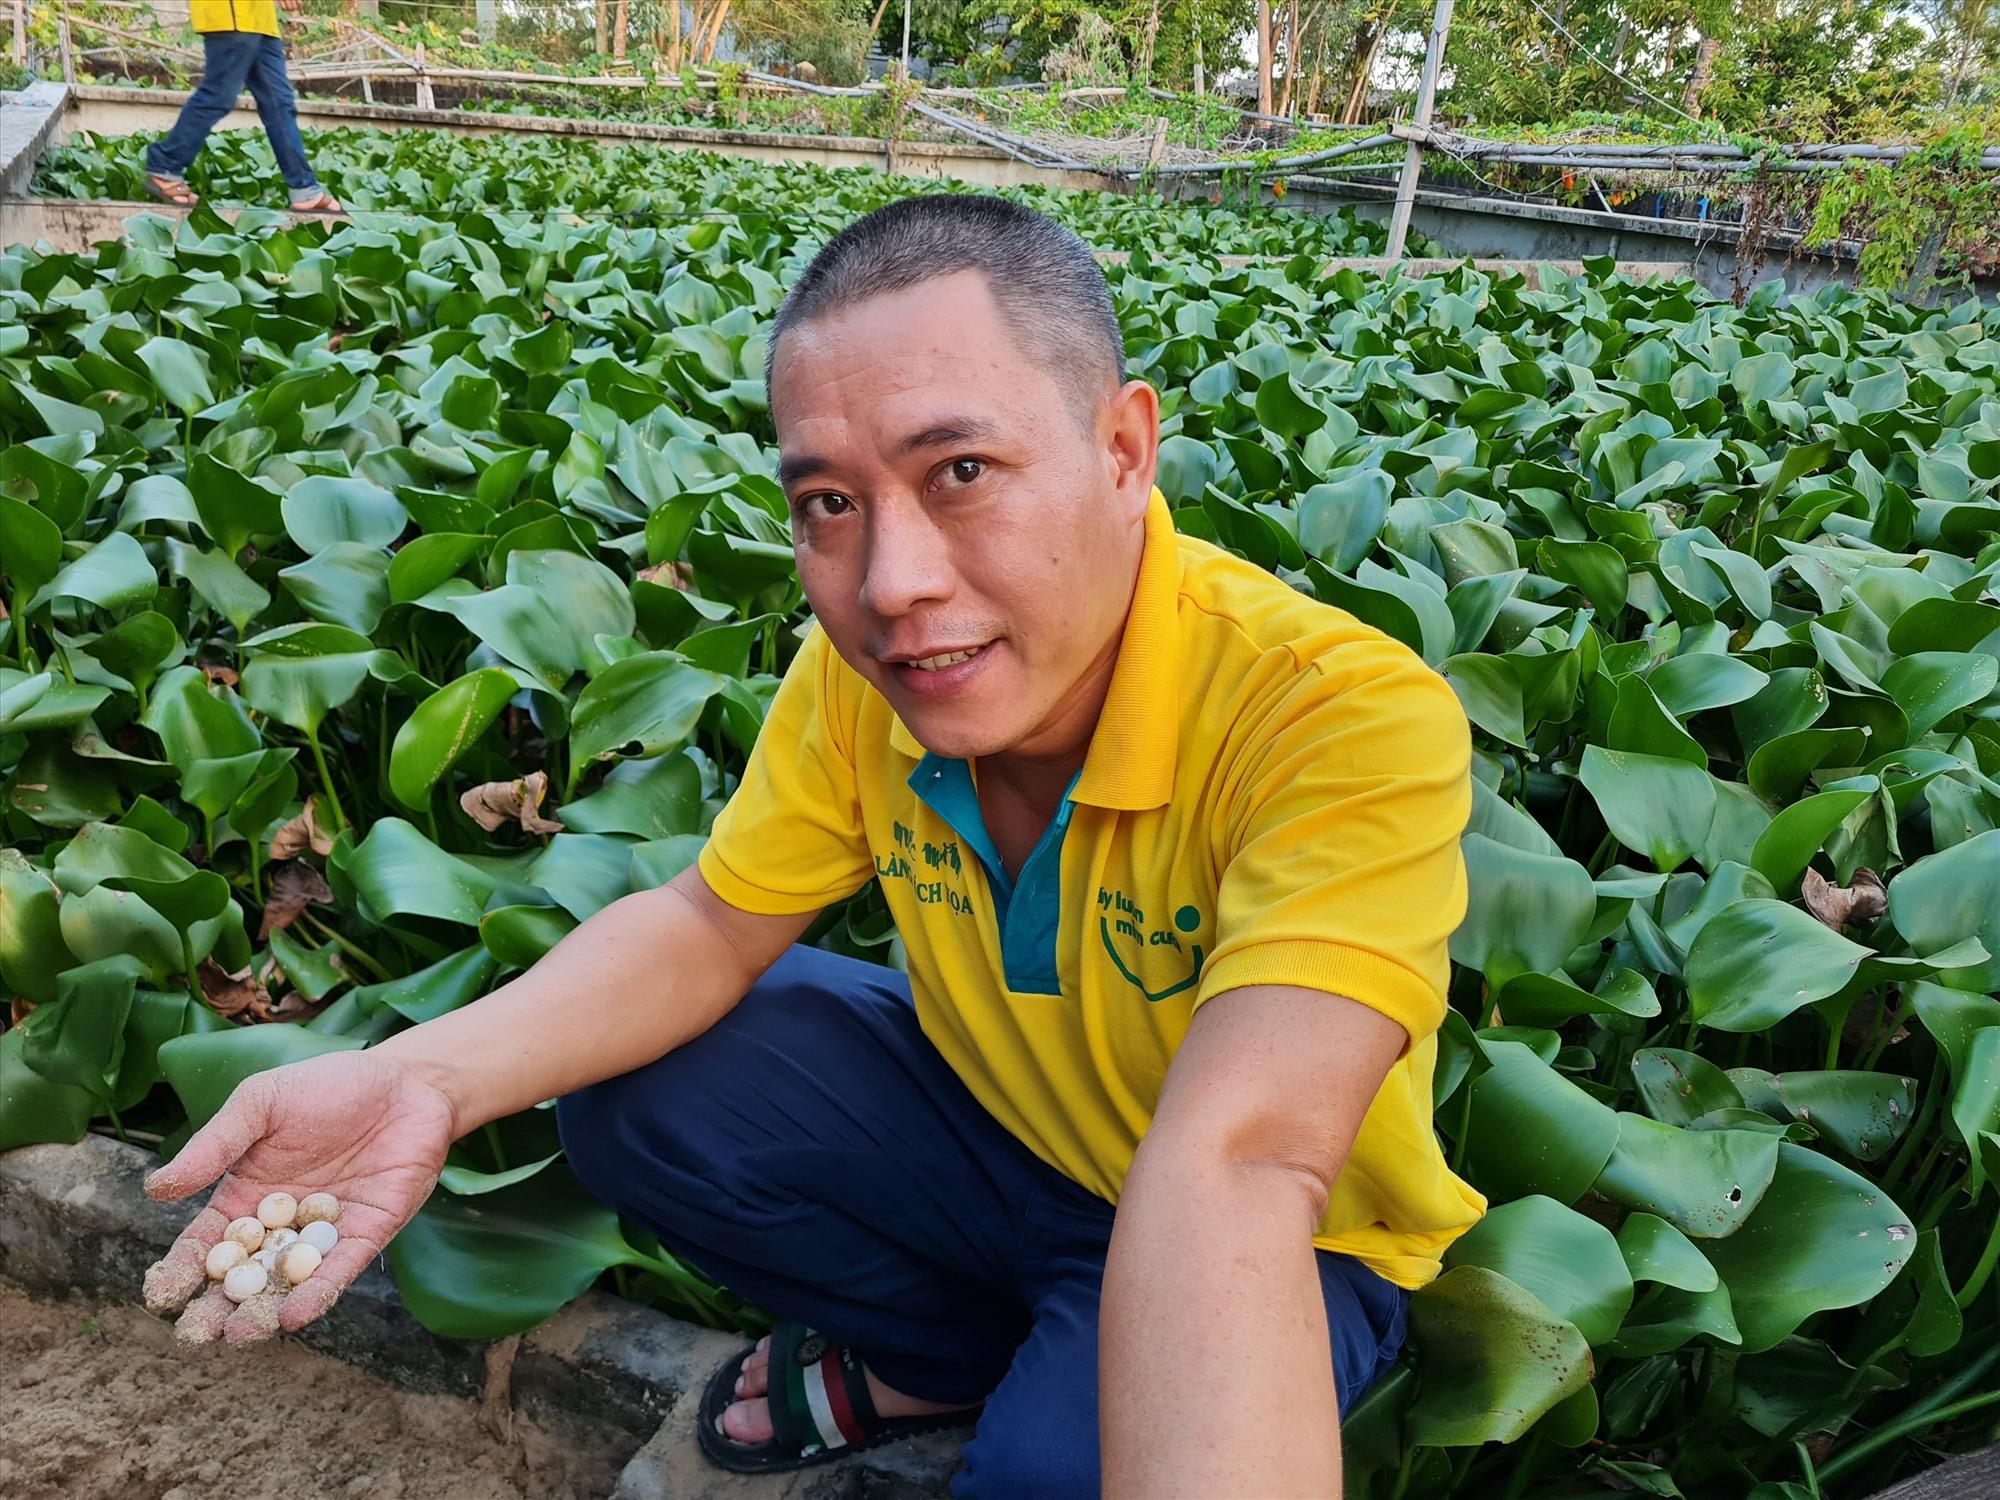 Mô hình nuôi ba ba trong bể xi măng của anh Lê Văn Lợi (xã Tam Thanh, TP. Tam Kỳ). Ảnh: B.L